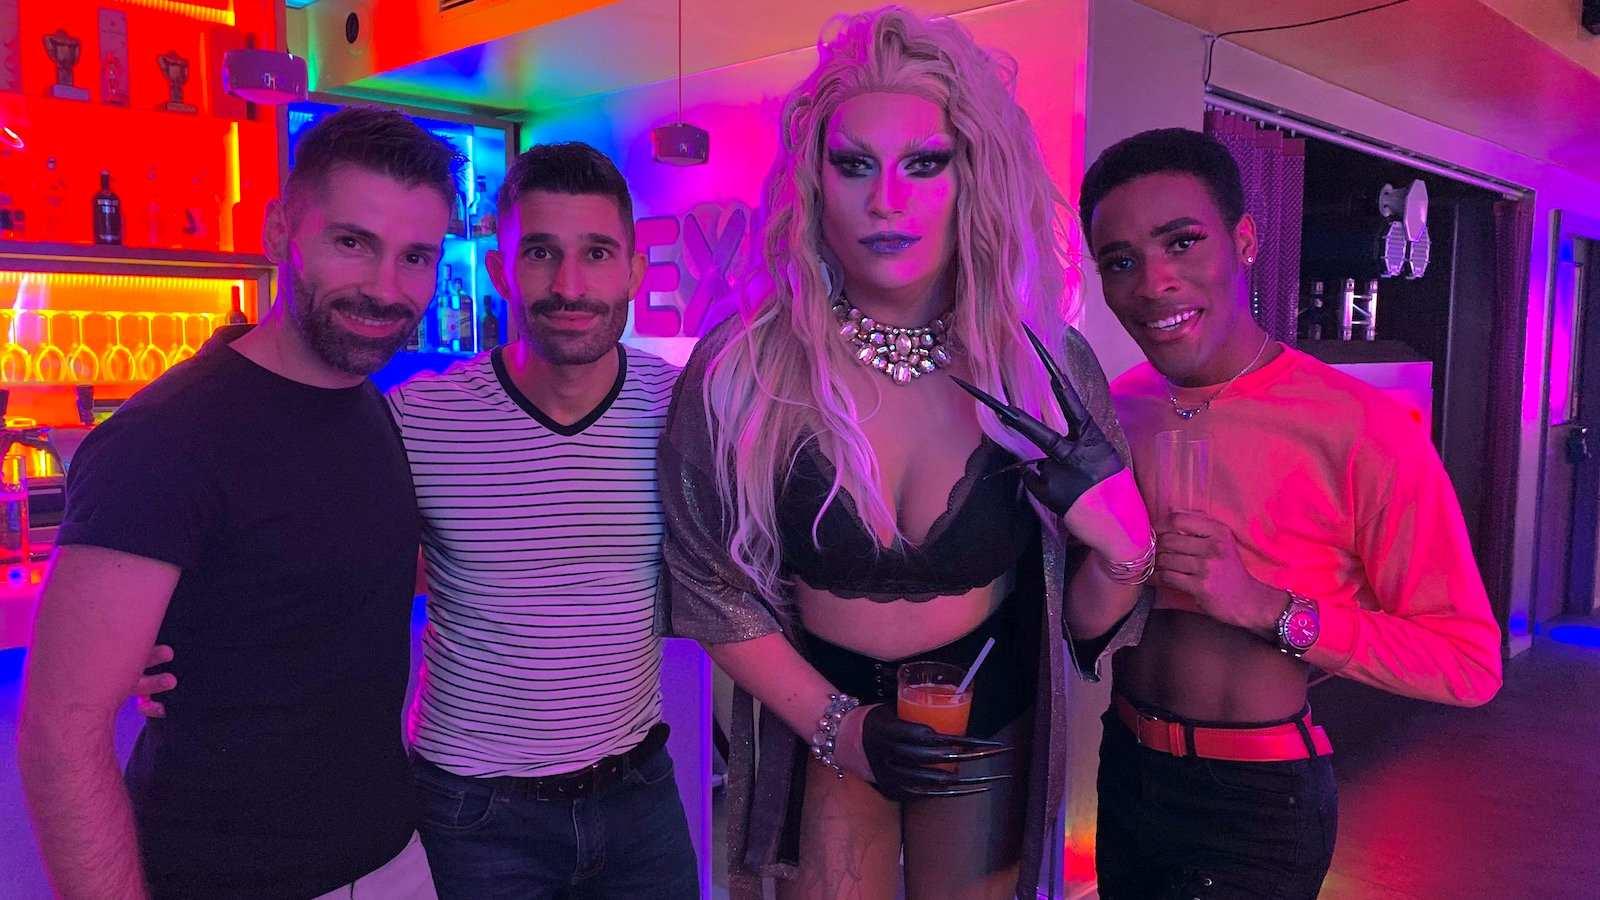 Cologne abrite de nombreux excellents clubs gays pour danser toute la nuit